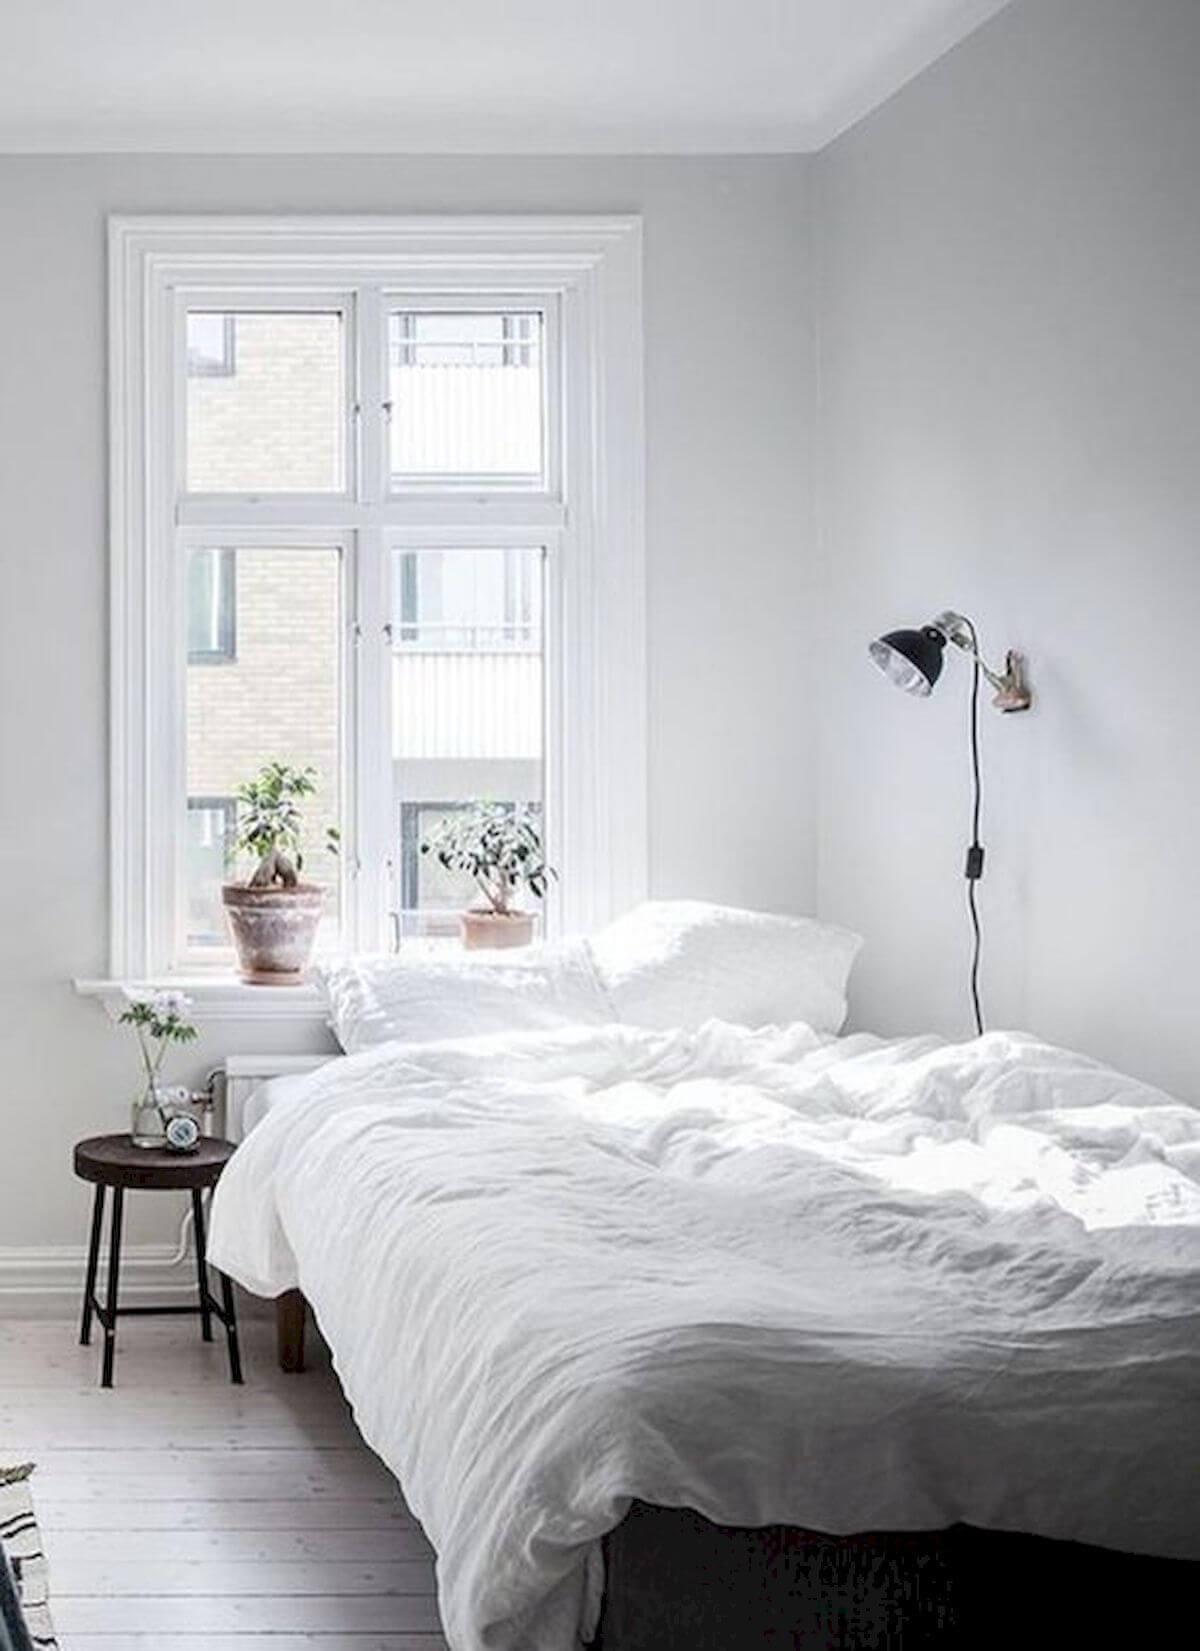 ý Tưởng Thiết Kế Phòng Ngủ độc đáo (1)